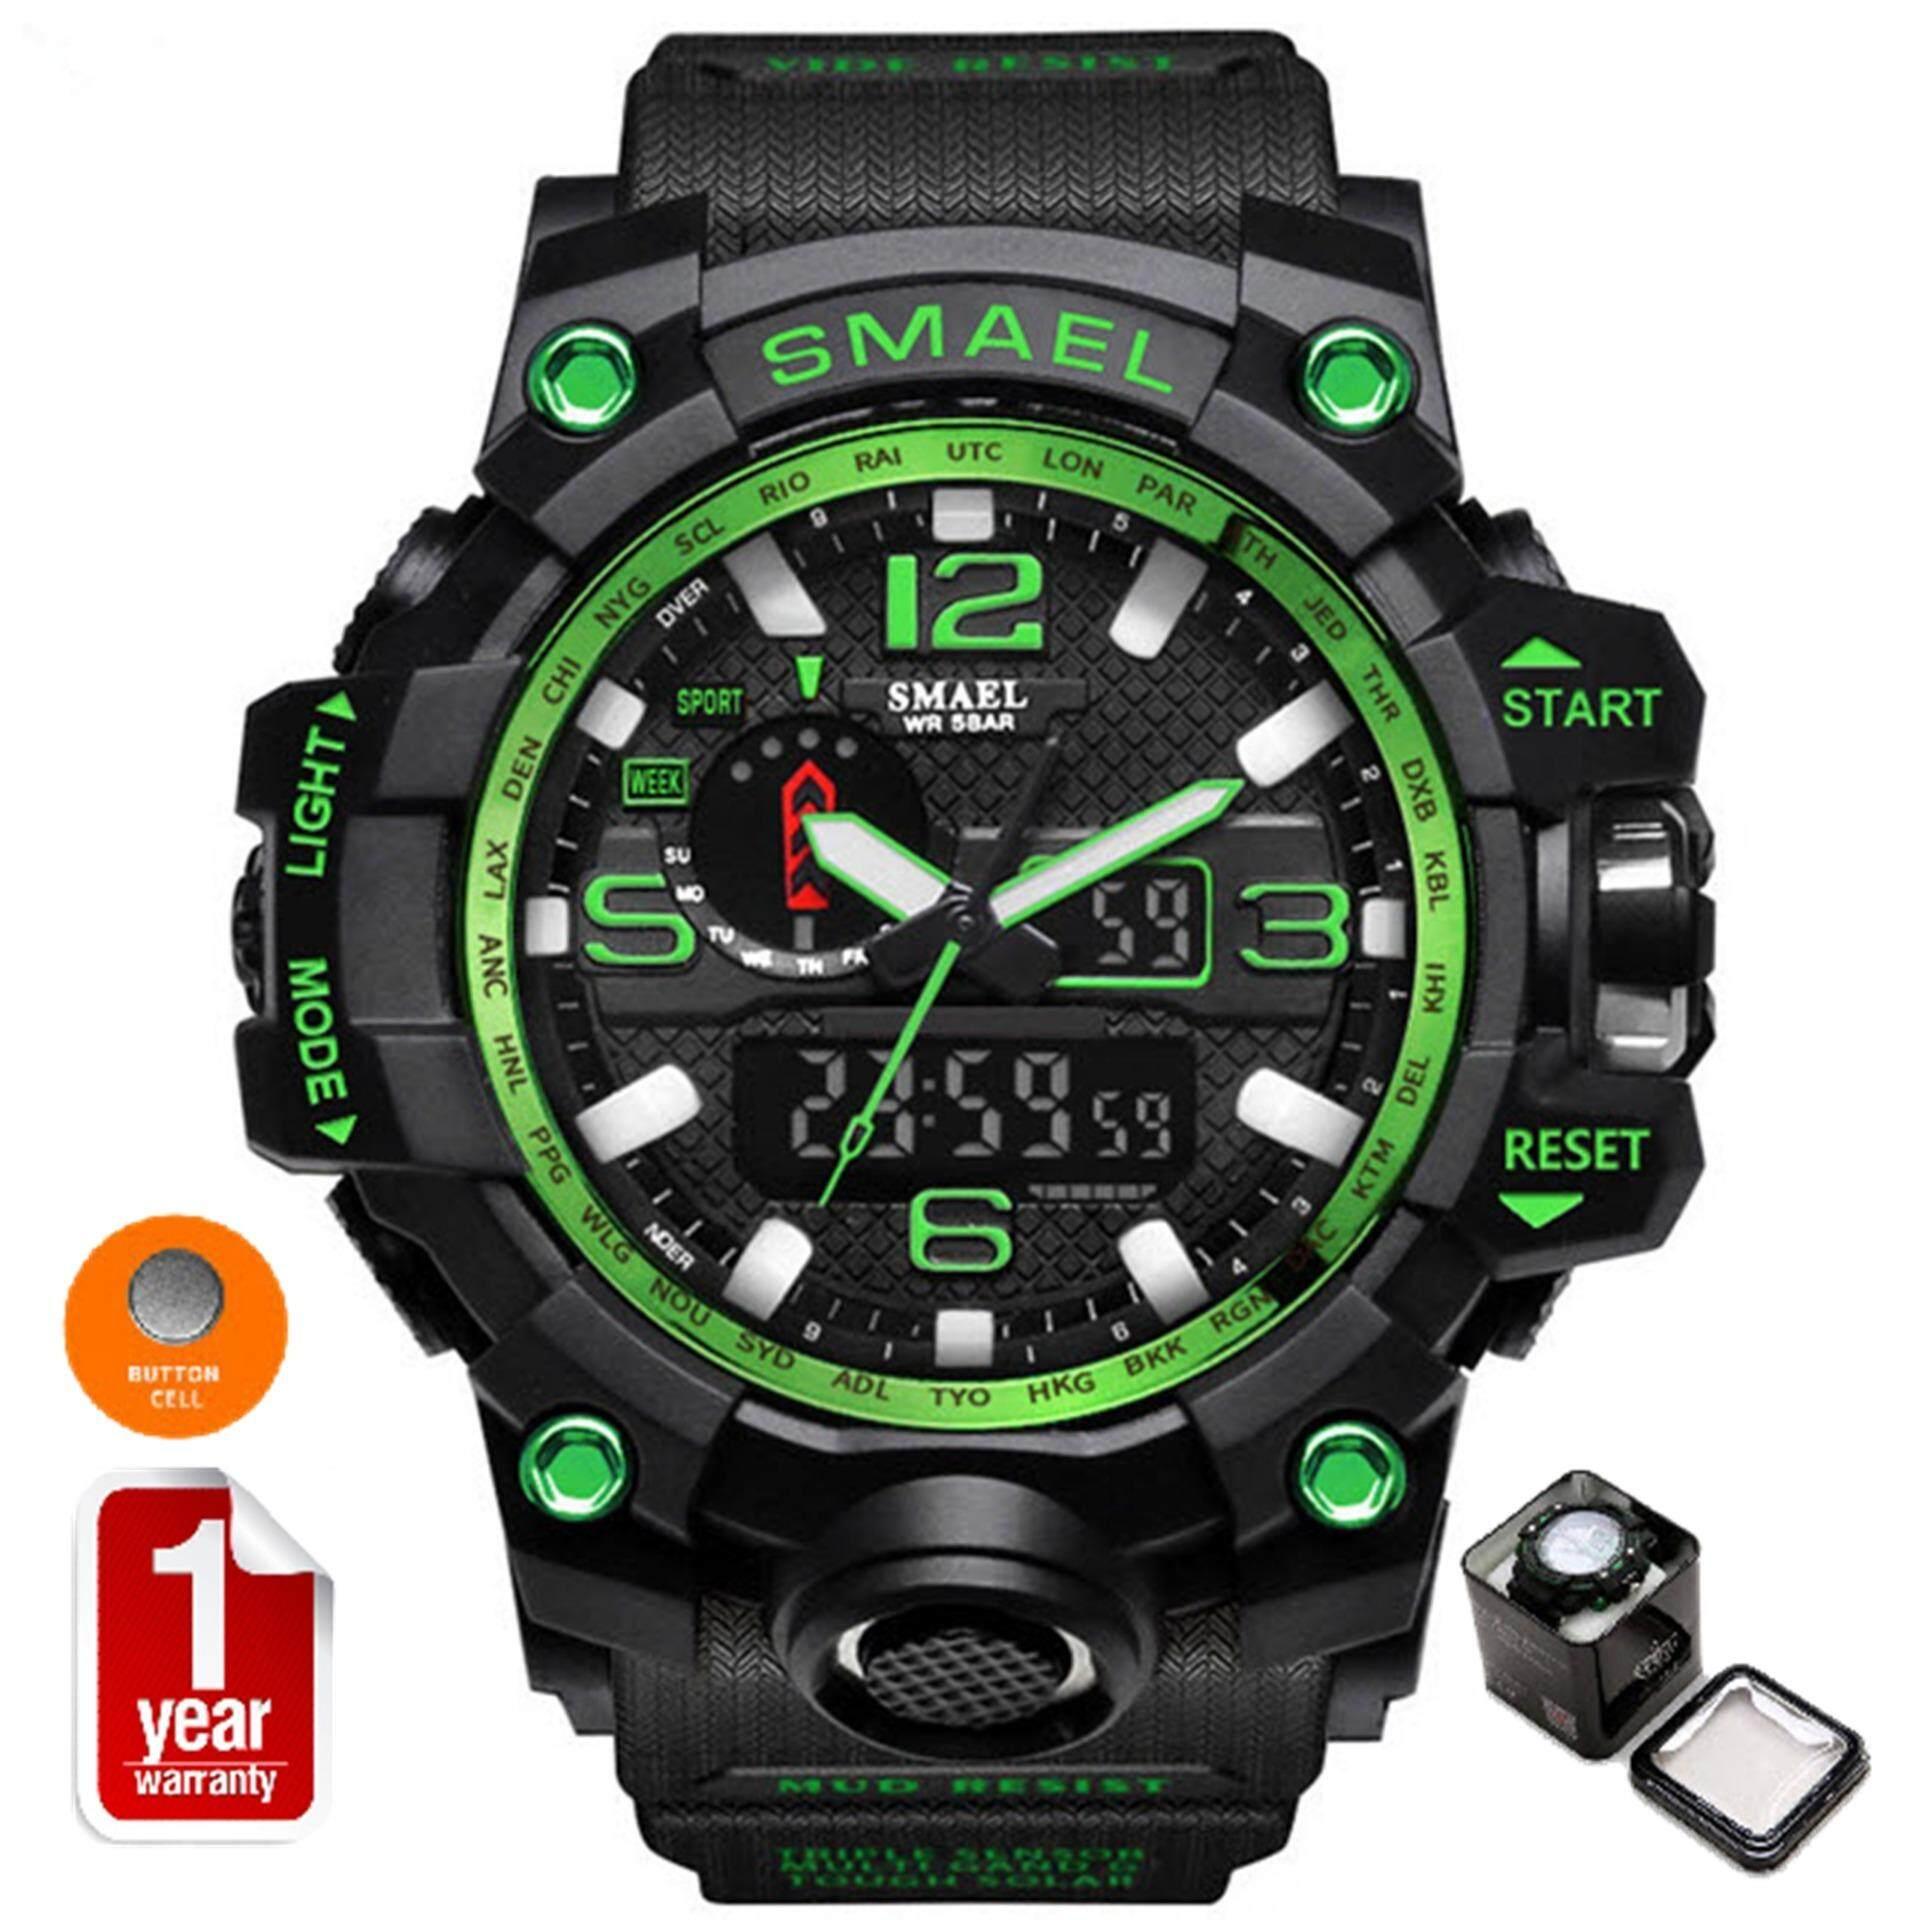 ราคา Smael นาฬิกาข้อมือผู้ชาย Sport Digital Led รุ่น Sm1545 Black Green Smael ออนไลน์